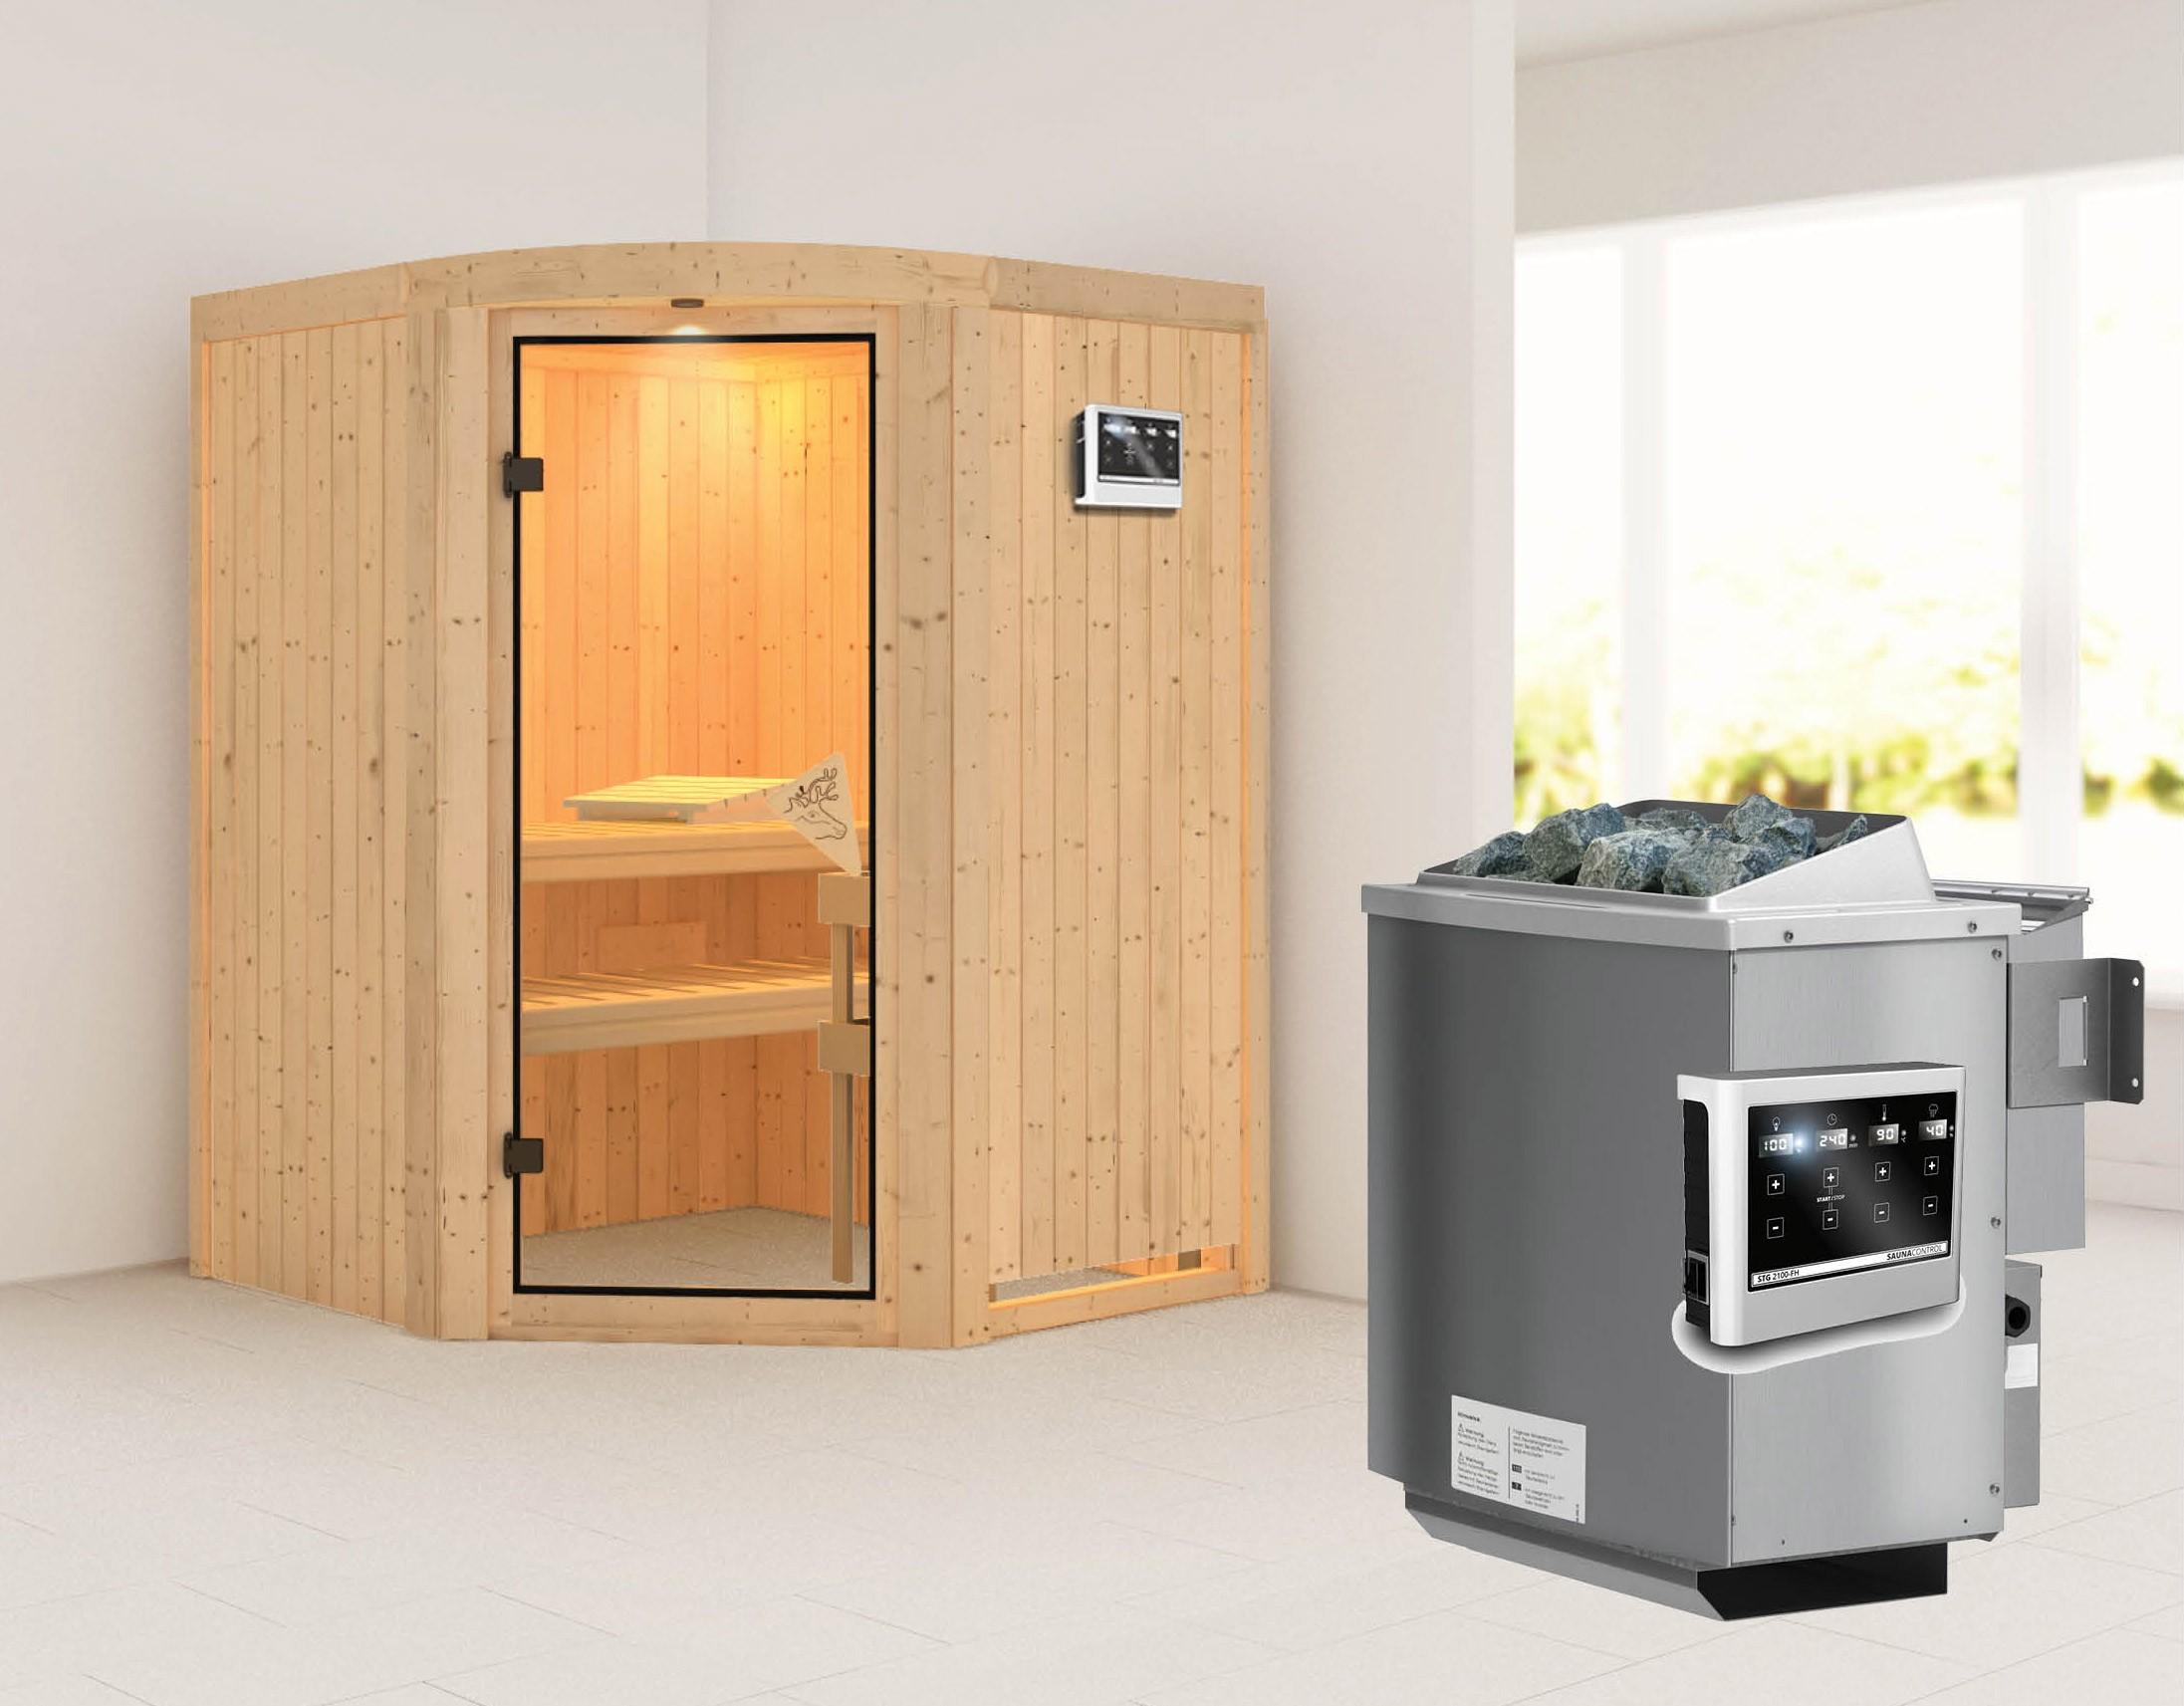 Karibu Sauna Asmada 68mm mit Bio Ofen 9kW extern classic Tür Bild 1